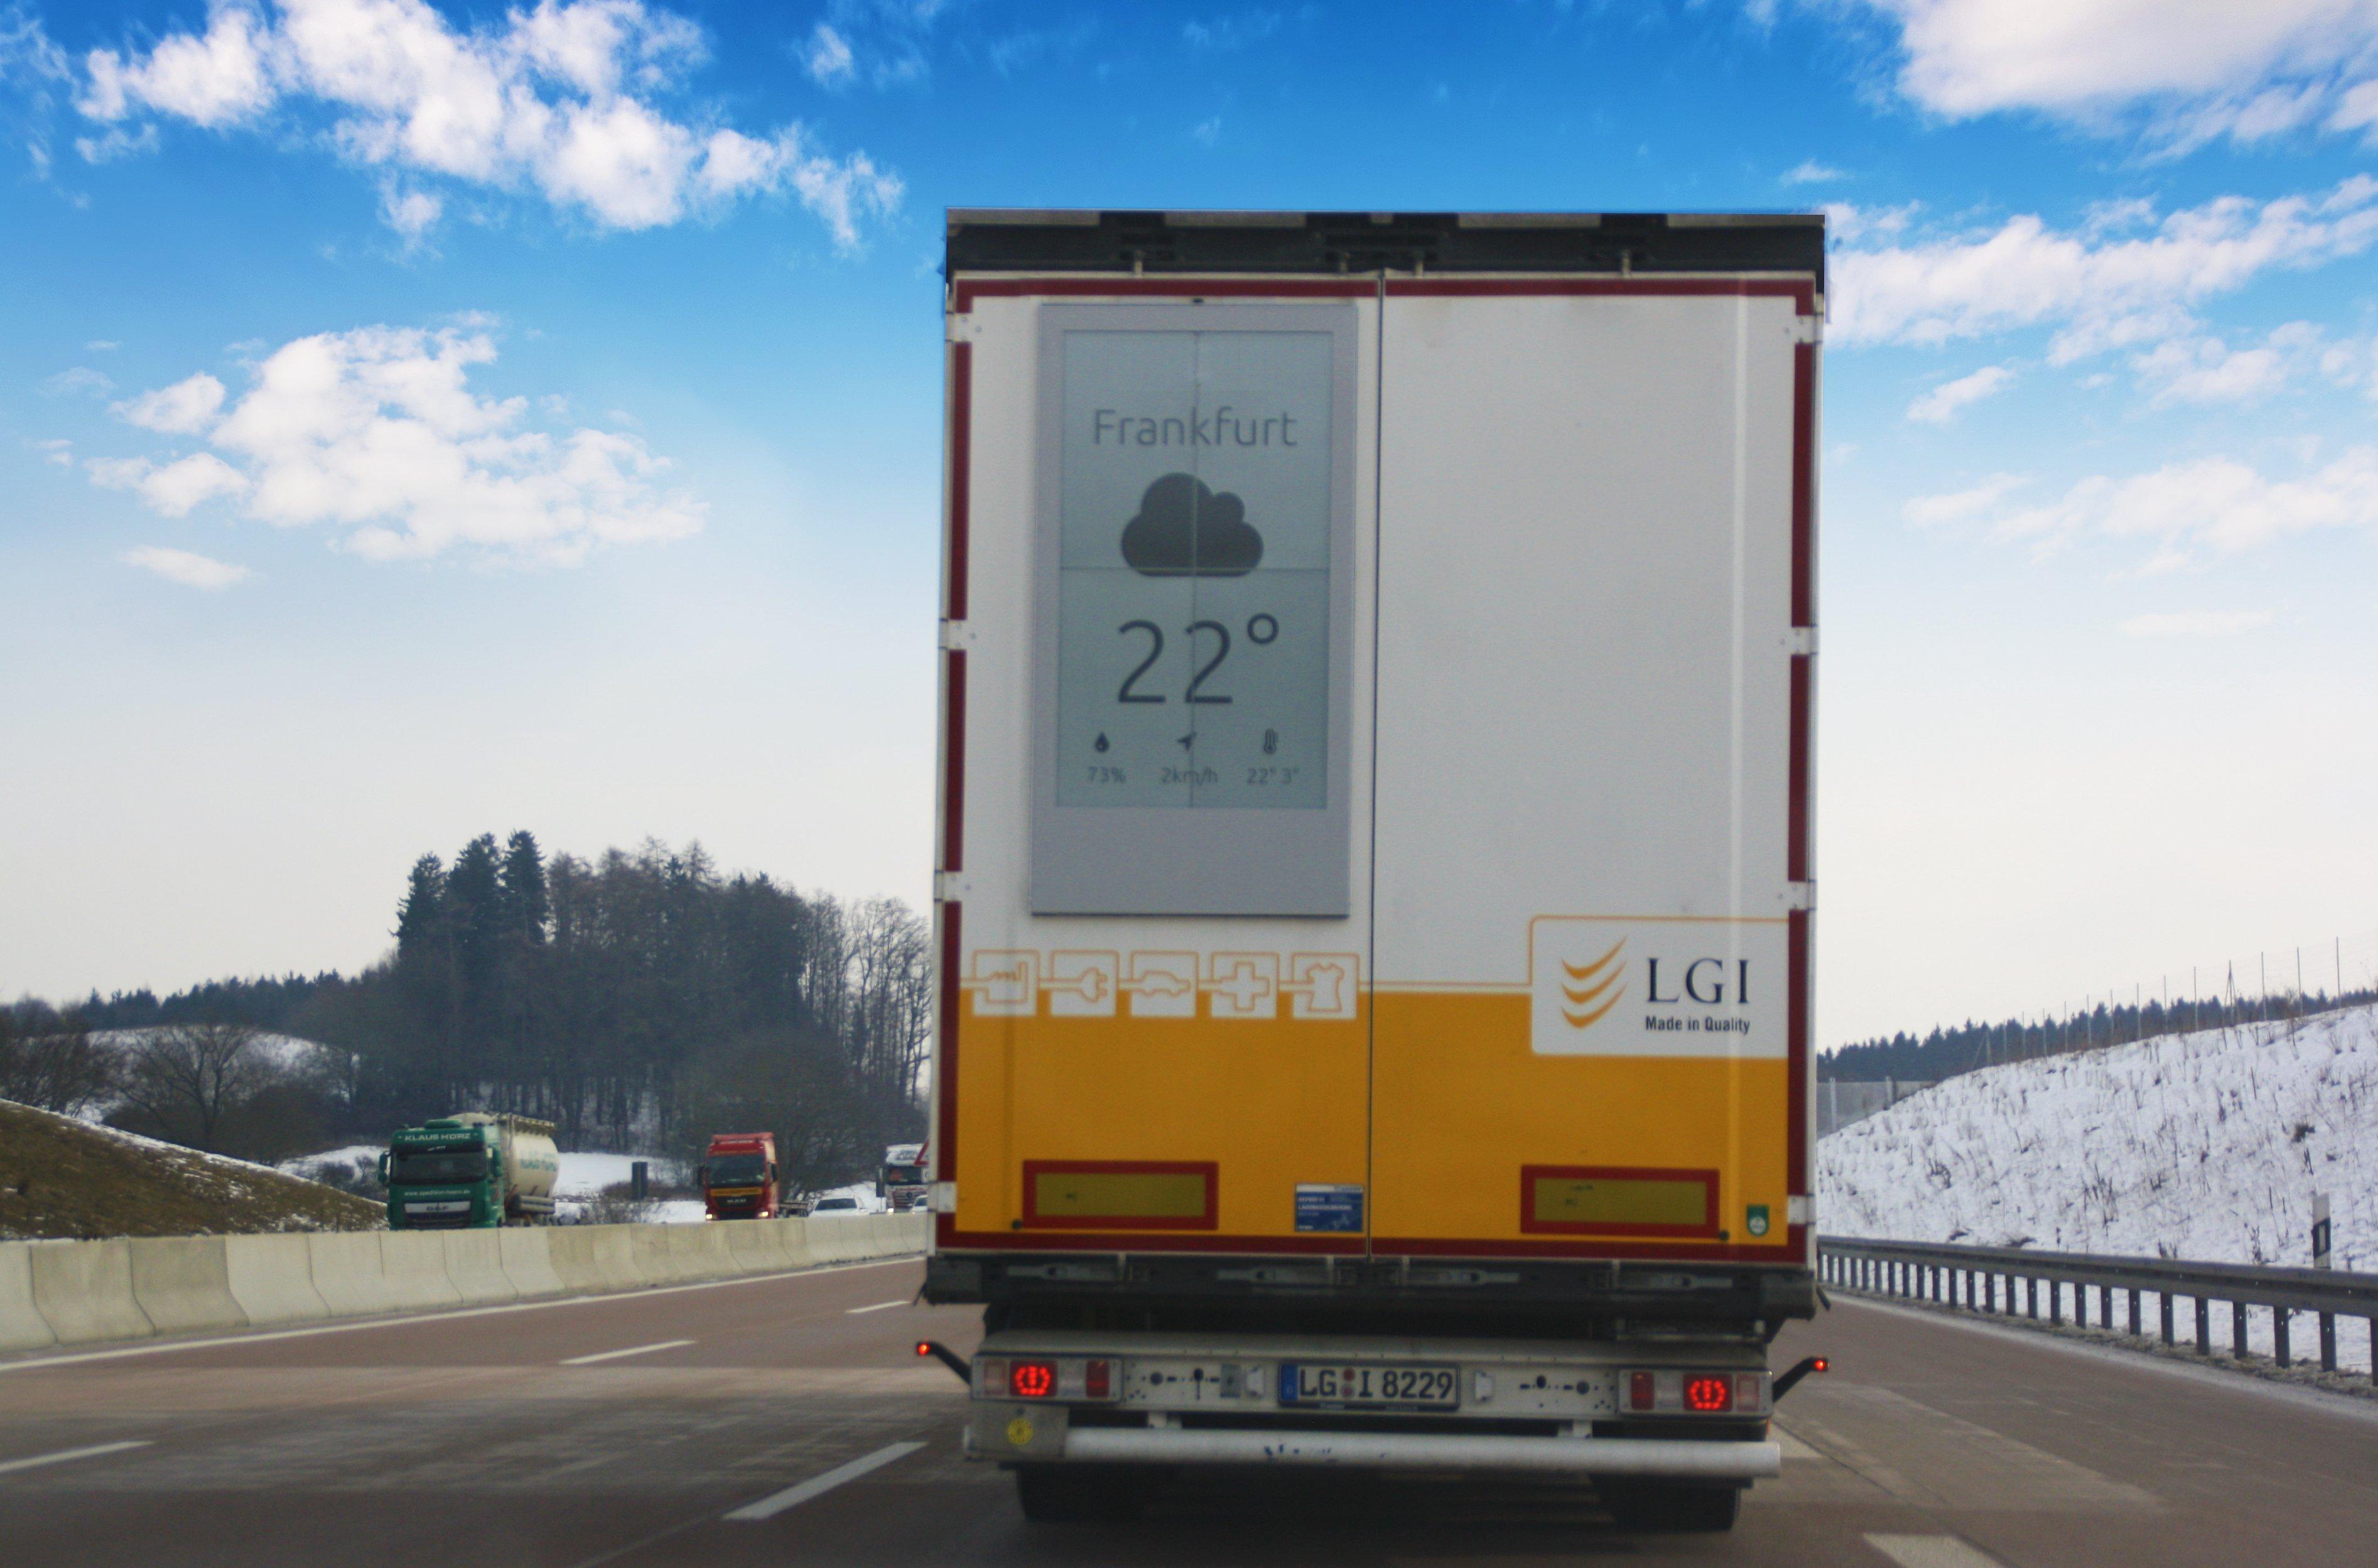 Wetterdaten-Anzeige auf einem Road Lkw (Foto: Ads interactive)